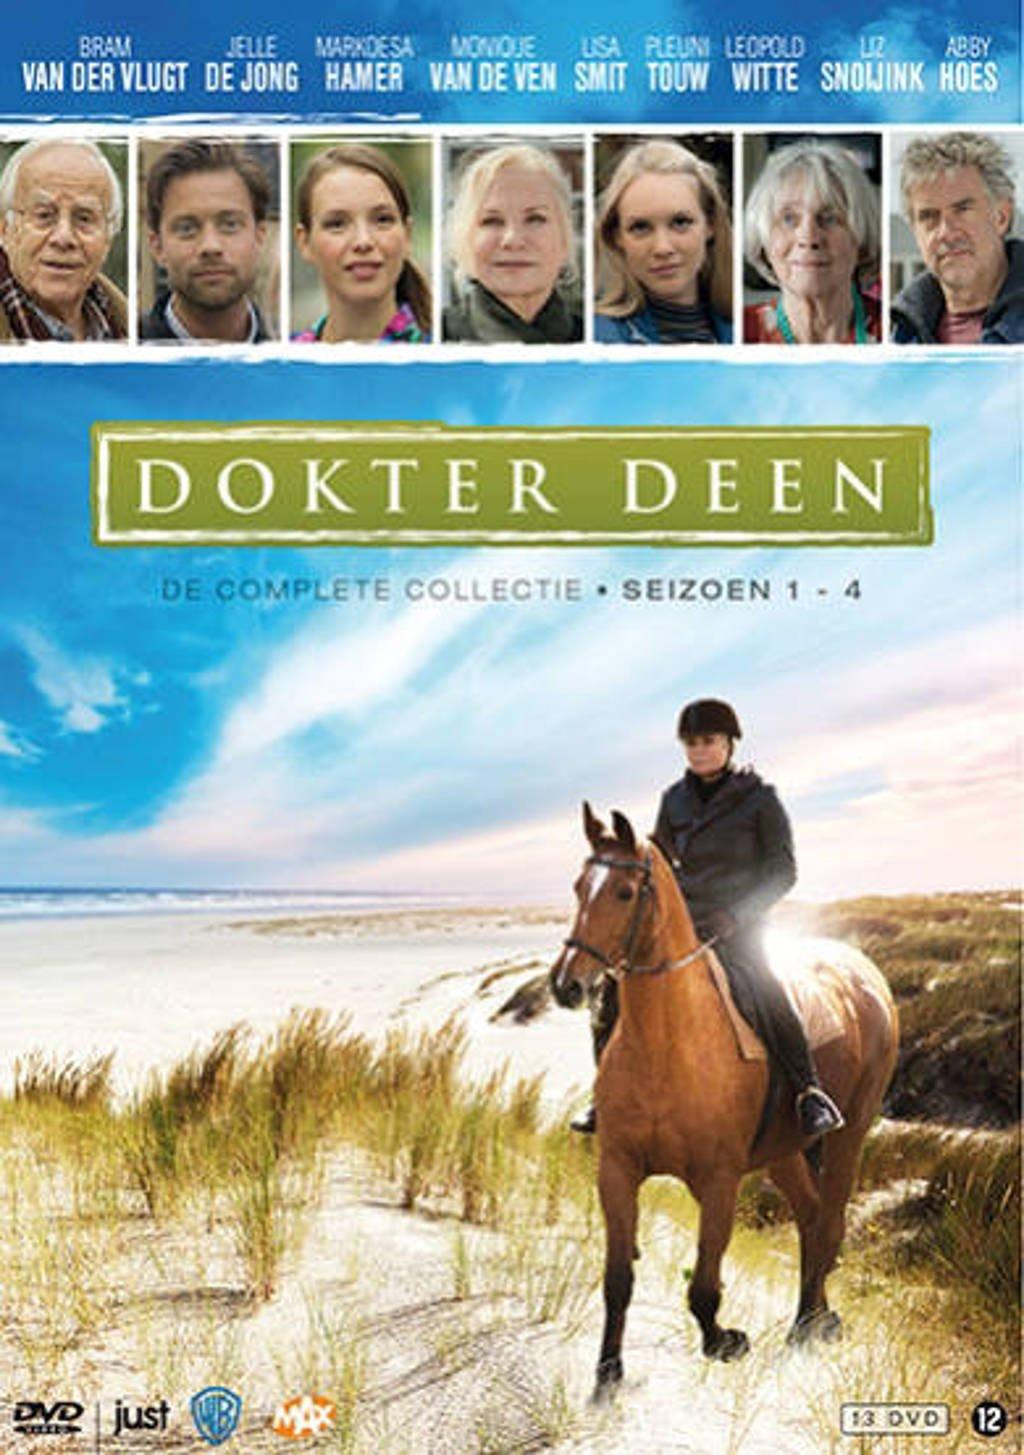 Dokter Deen - Seizoen 1-4 (DVD)